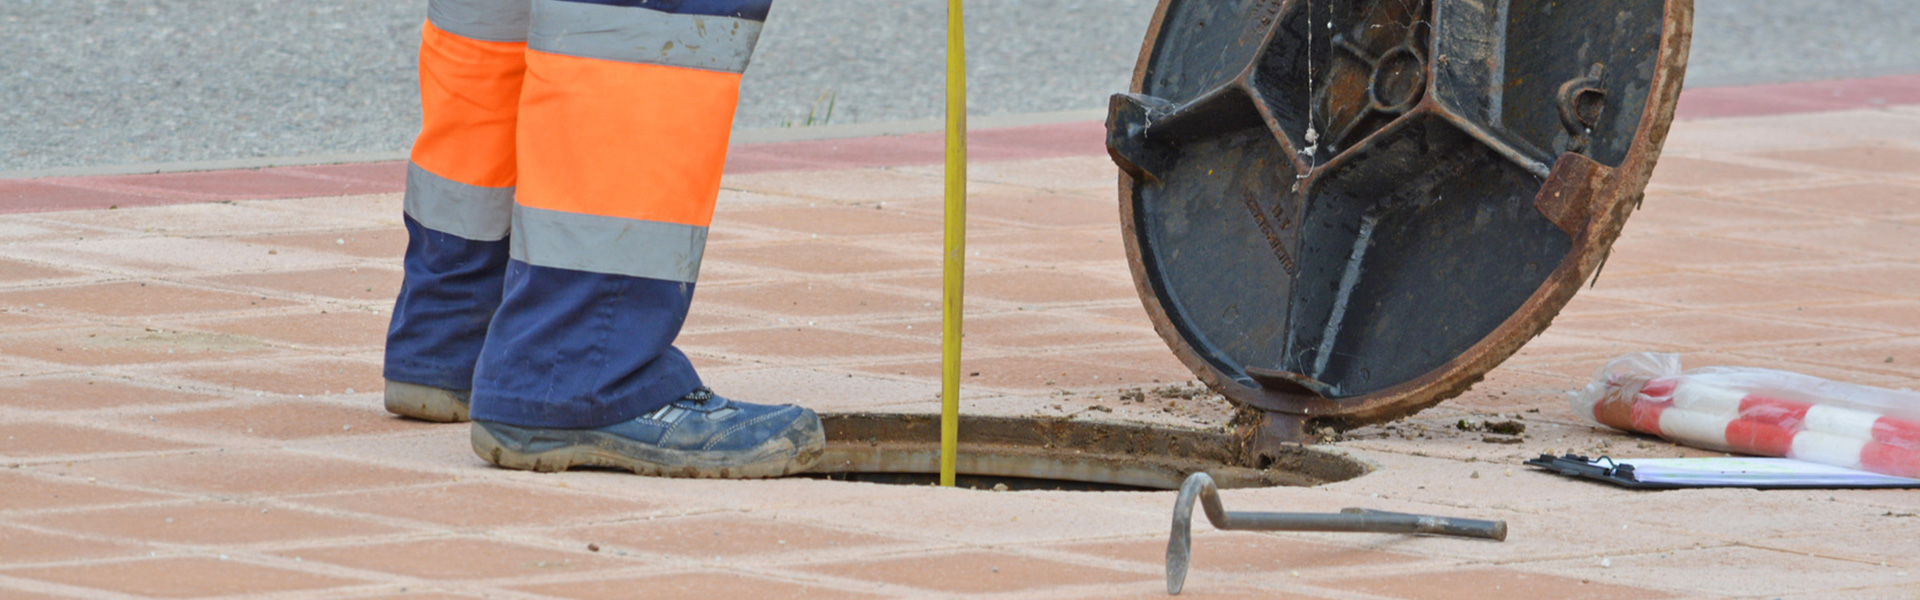 Usługi asenizacyjne – pogotowie kanalizacyjne